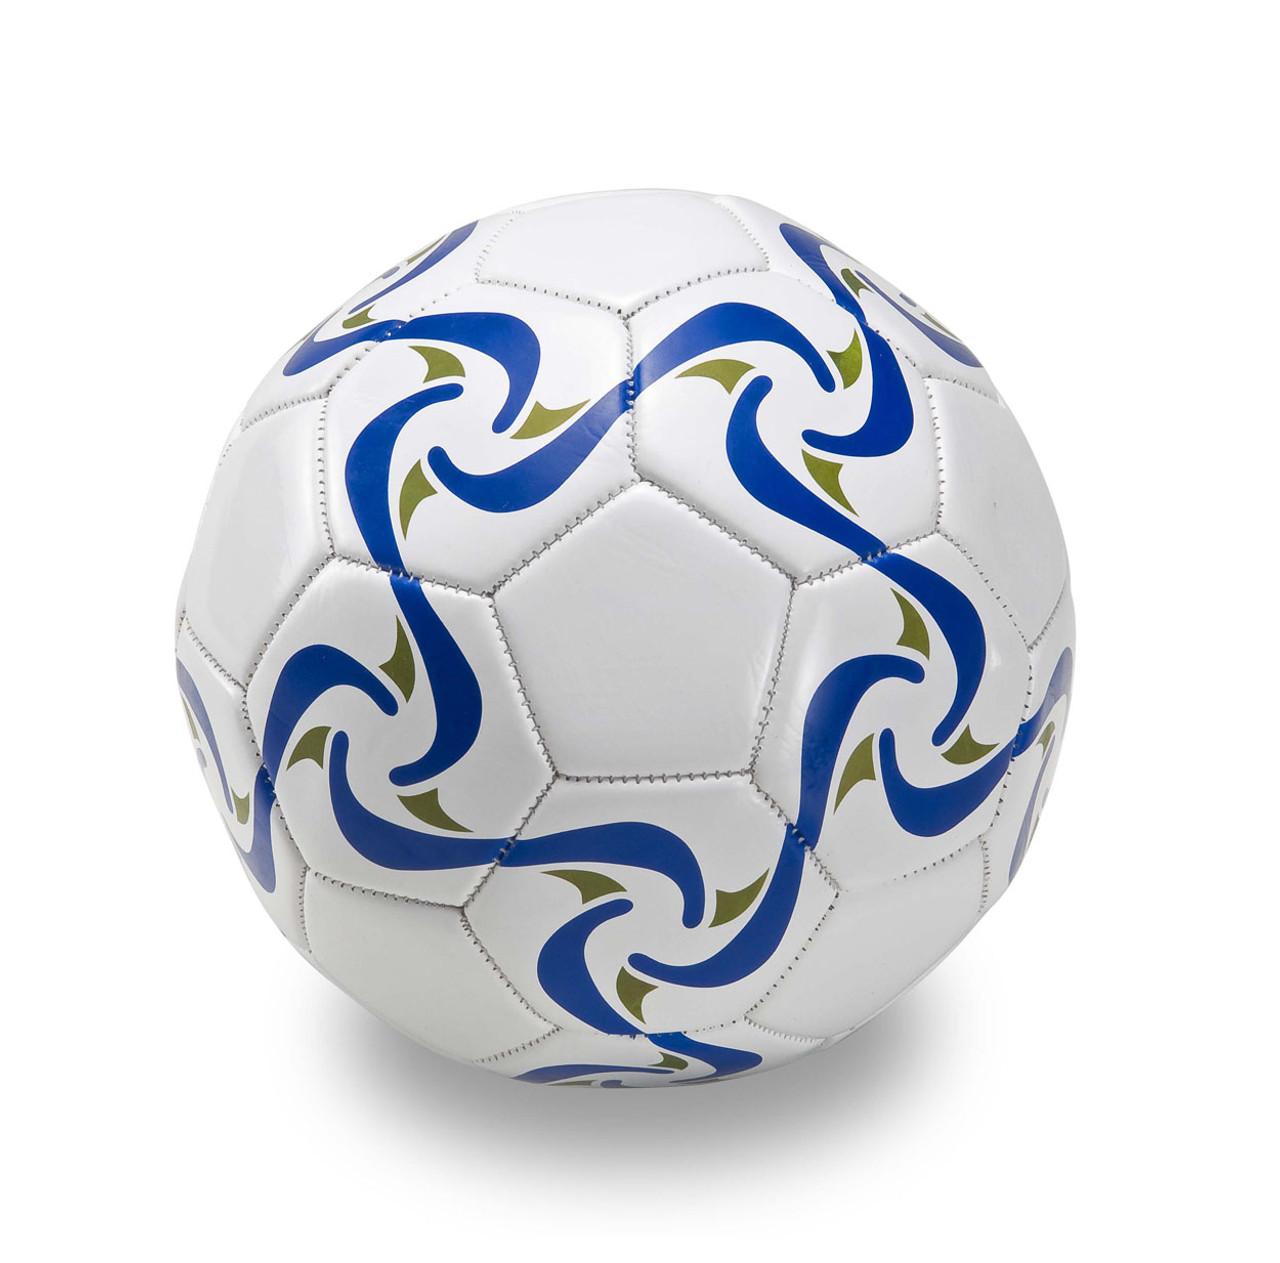 Bell Soccer Ball - Large